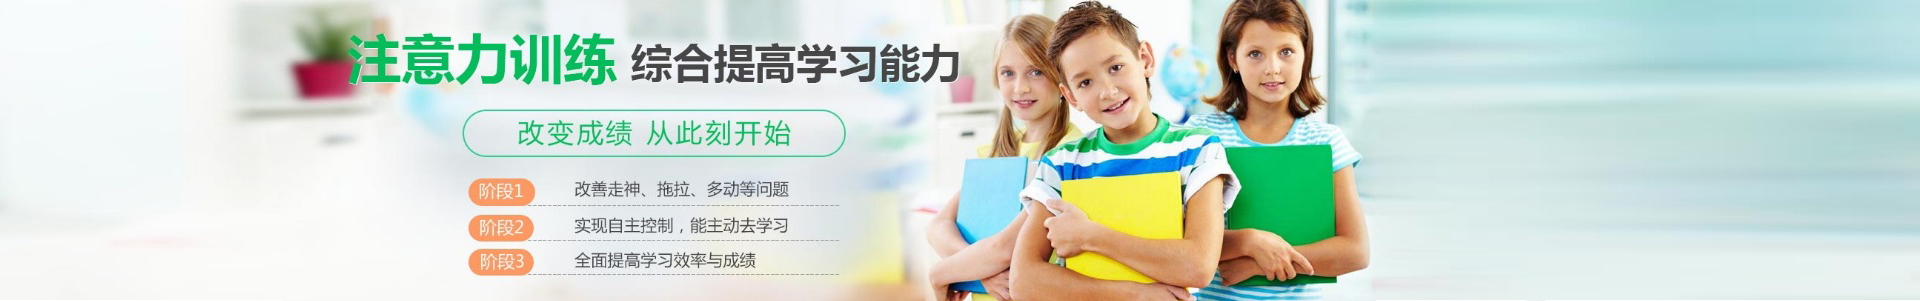 杭州金博智慧注意力培訓學校